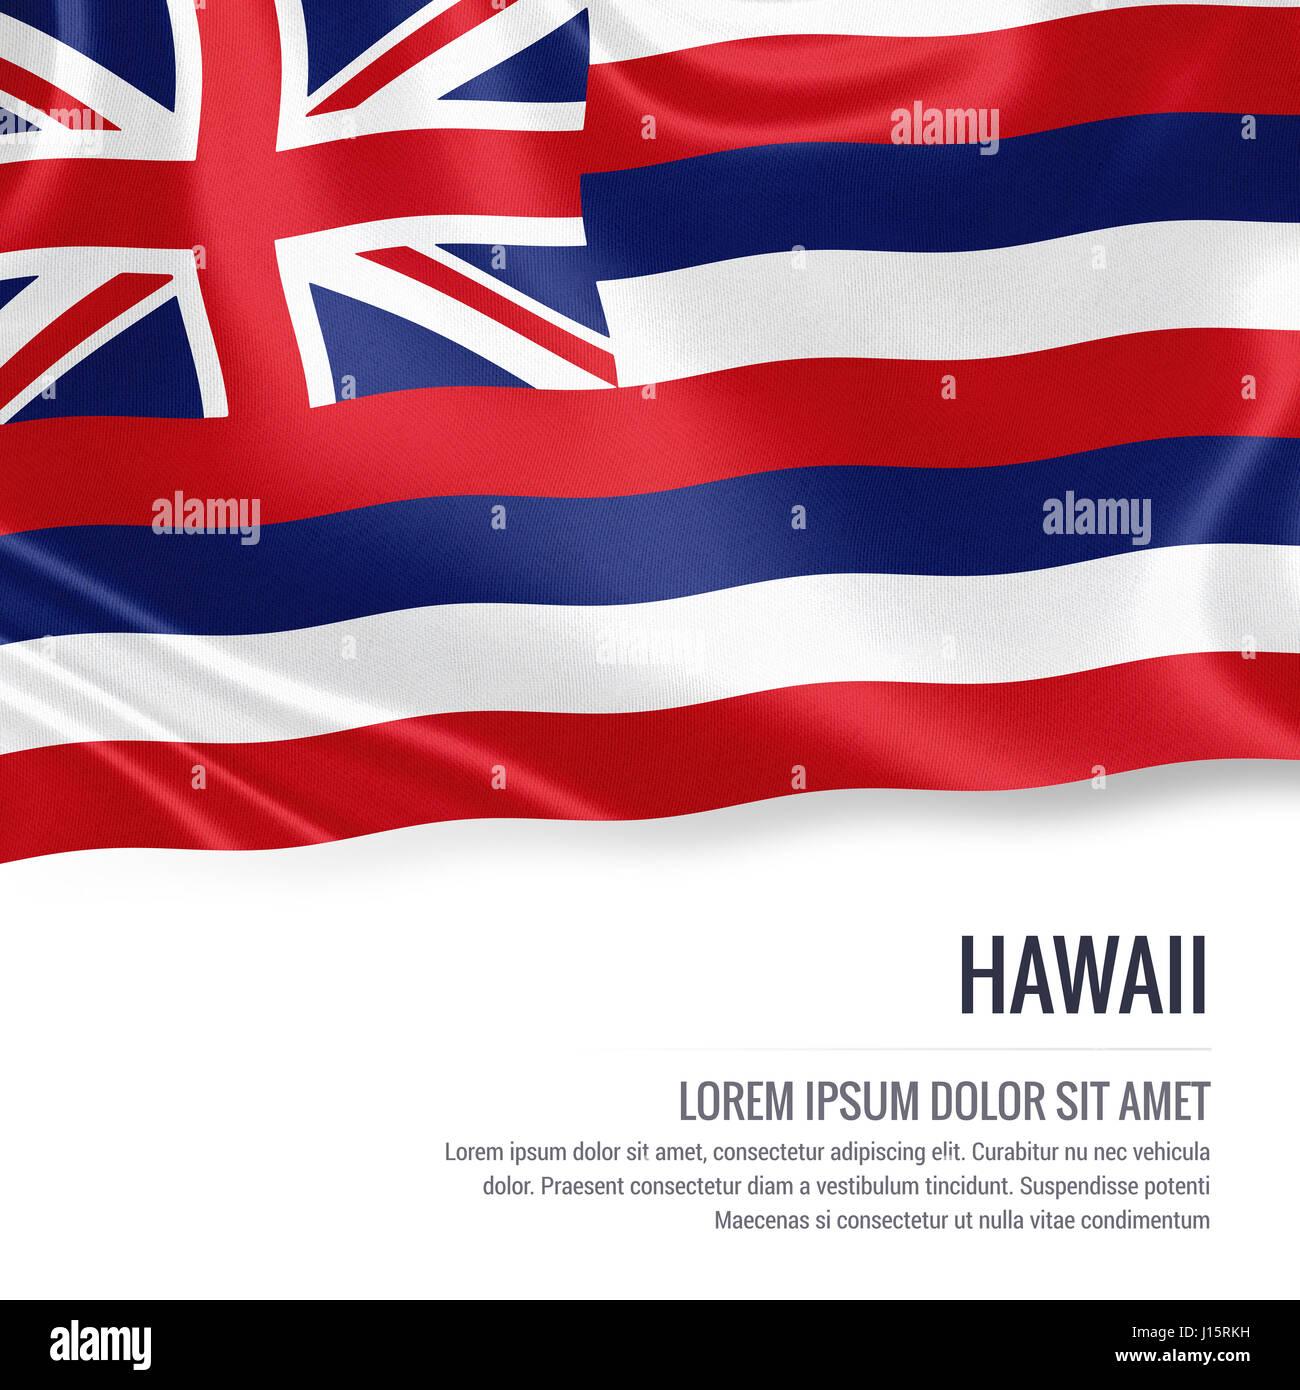 77a189638a284b Bandiera di stato degli Stati Uniti Hawaii sventolando isolato su un fondo  bianco. Il nome